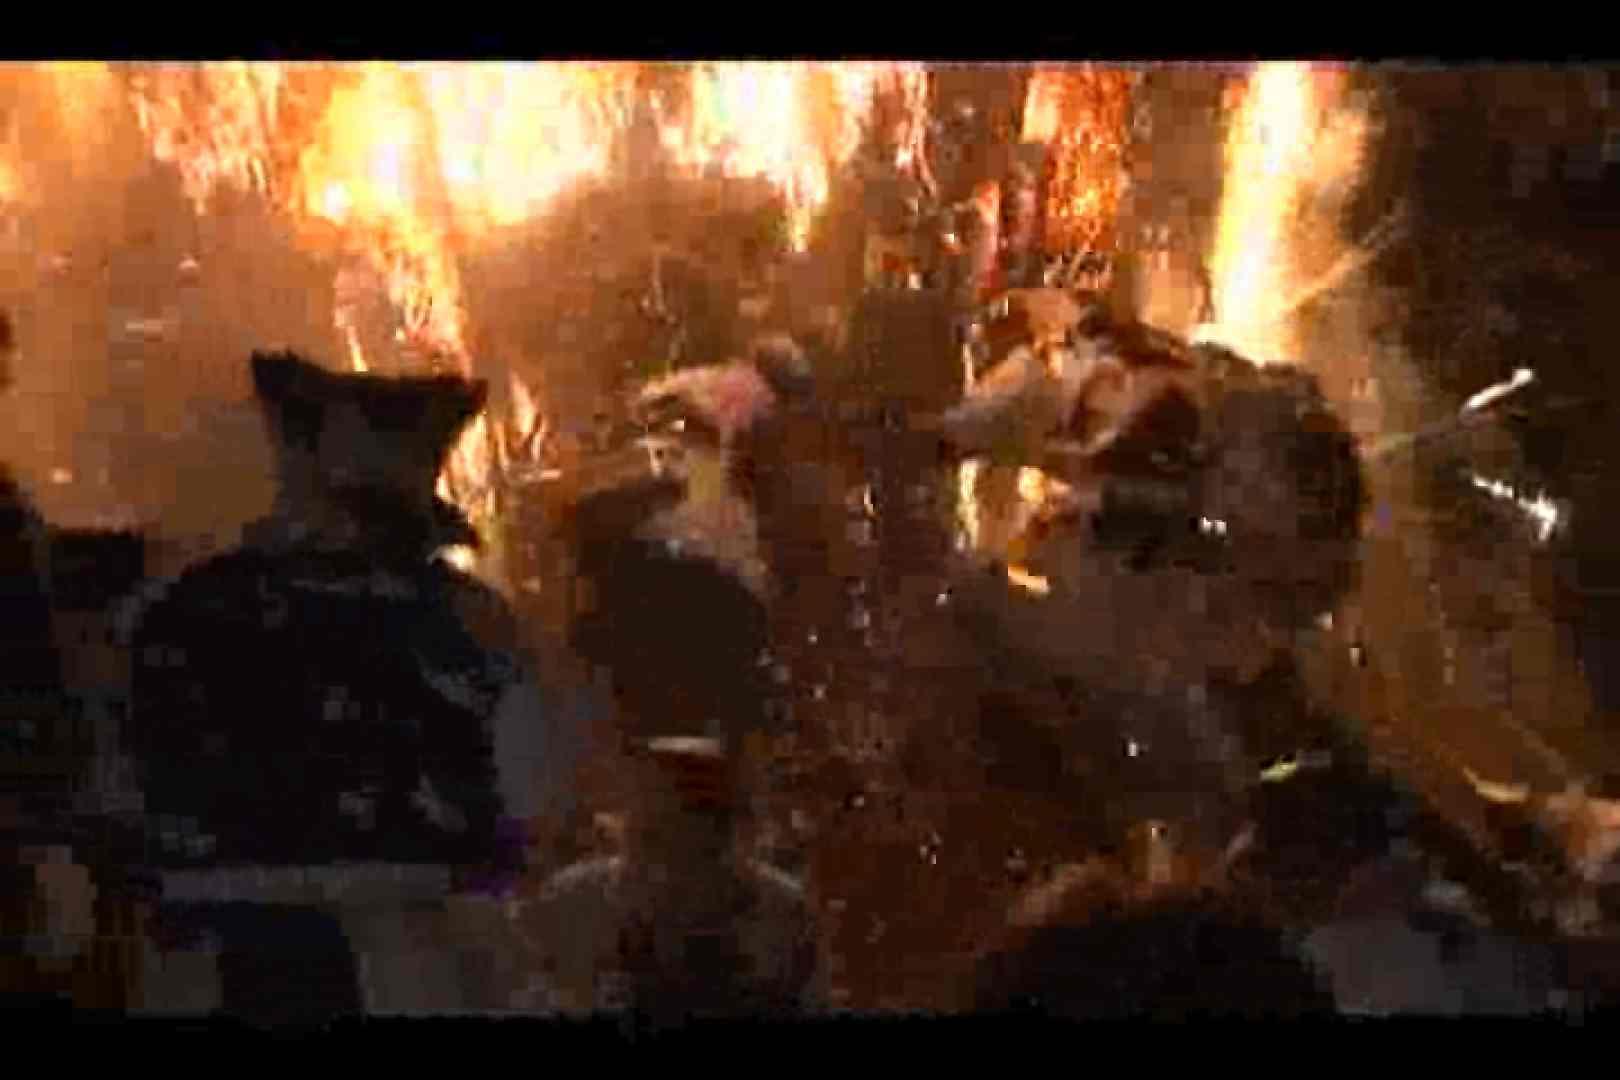 鳥羽の火祭り 3000K!高画質バージョンVOL.03 完全無修正で! ちんぽ画像 8画像 7